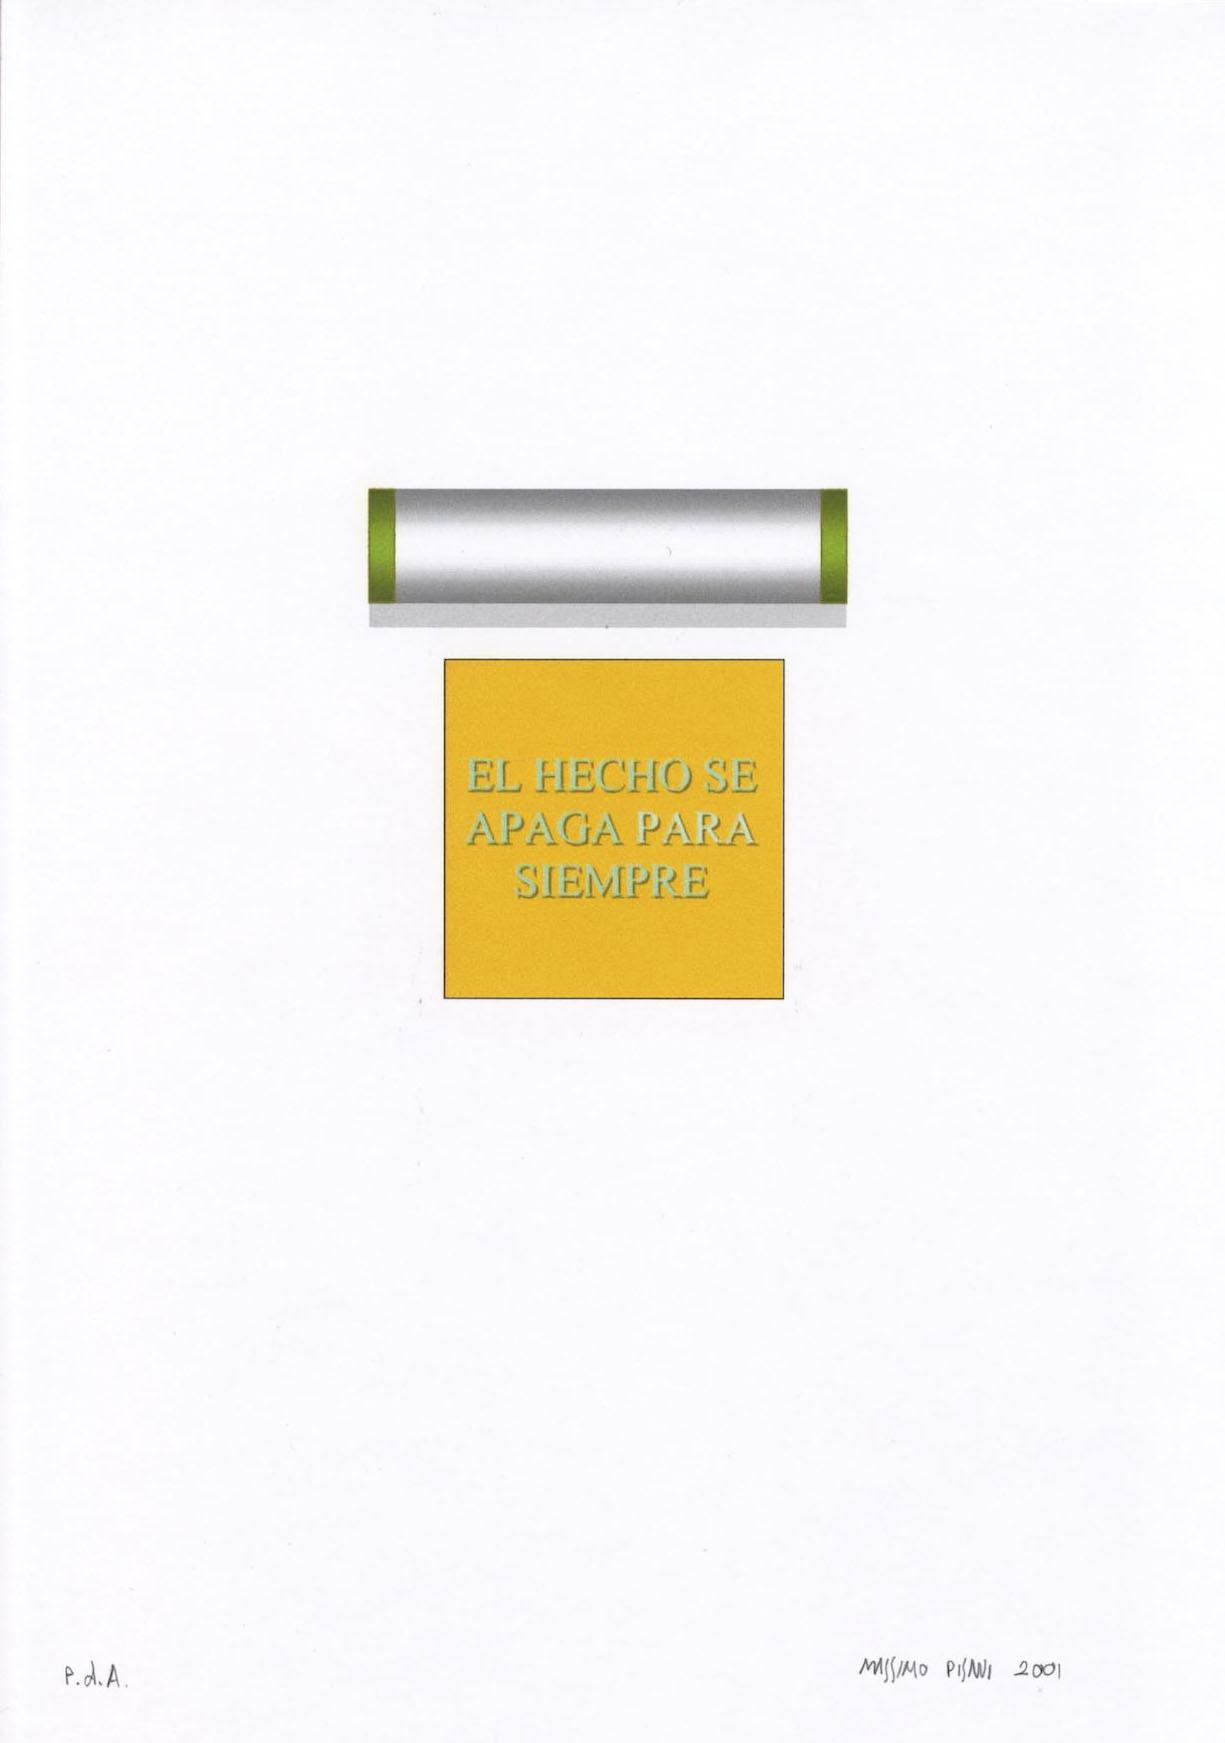 Ilustraciónes para la publicación Pulcino elefante cm.21x29,7 -2002- 18